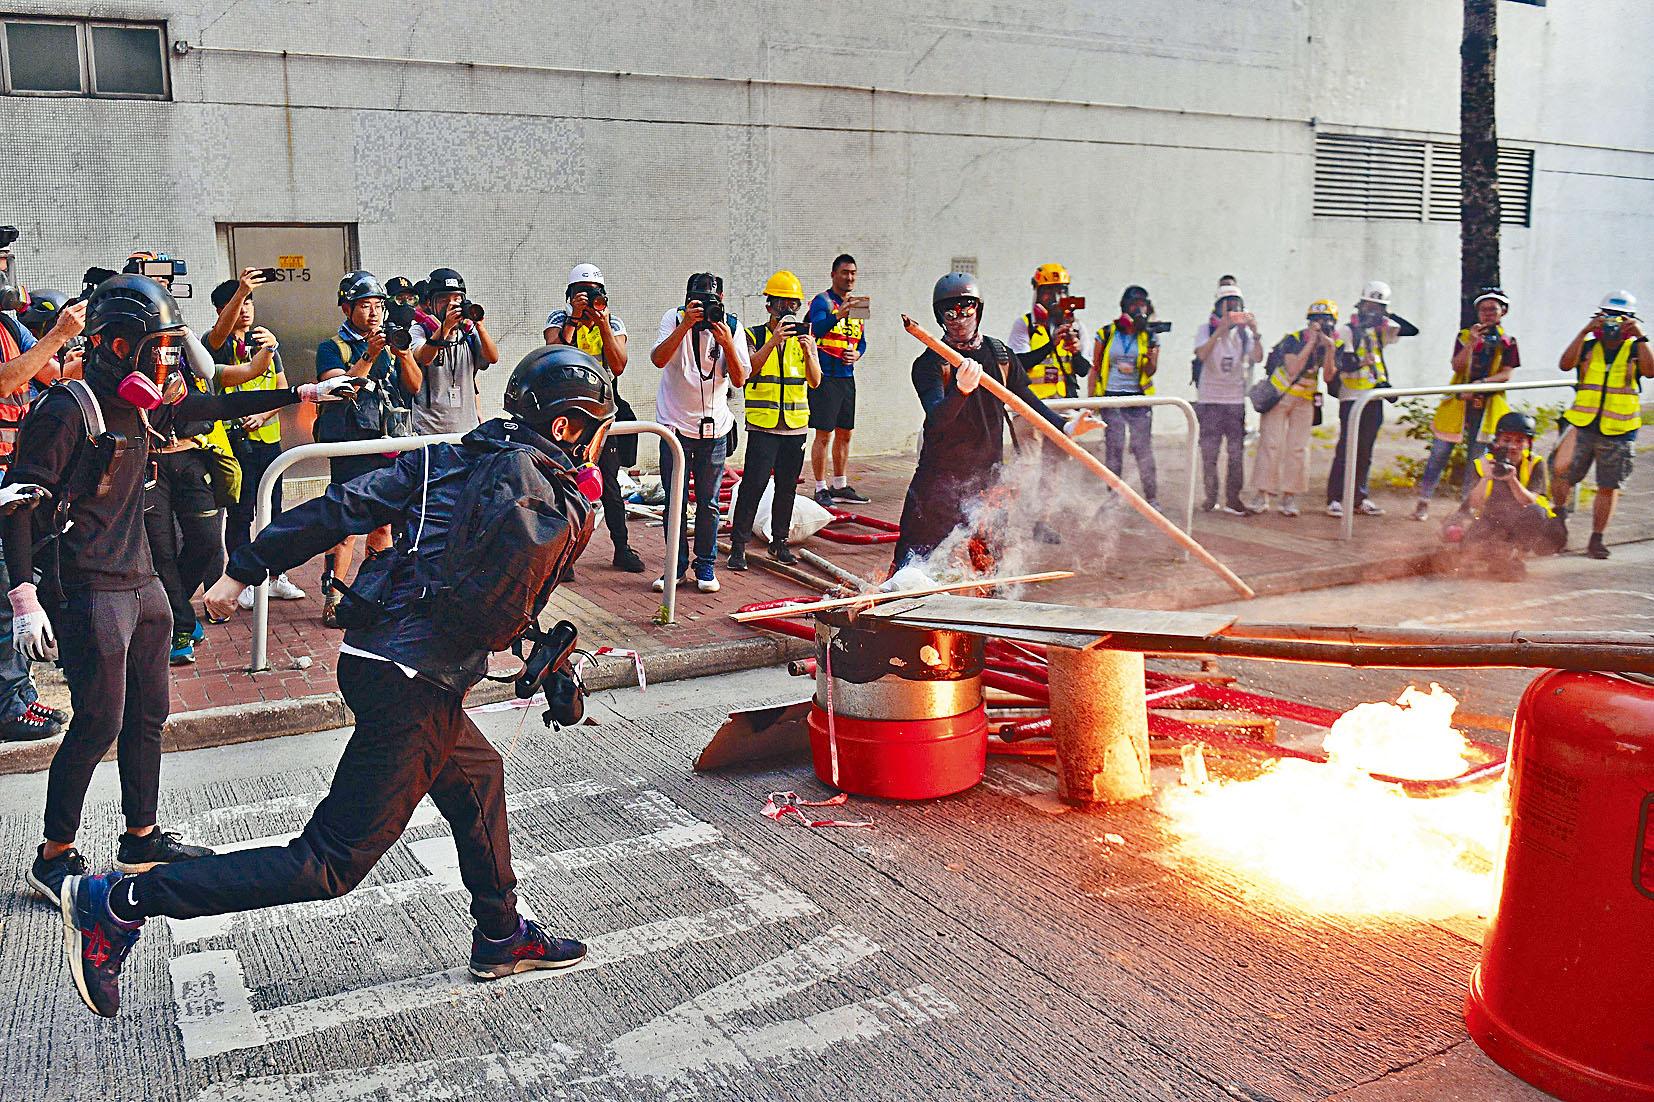 一名激進示威者在馬路焚燒雜物,試圖與警對峙。法新社